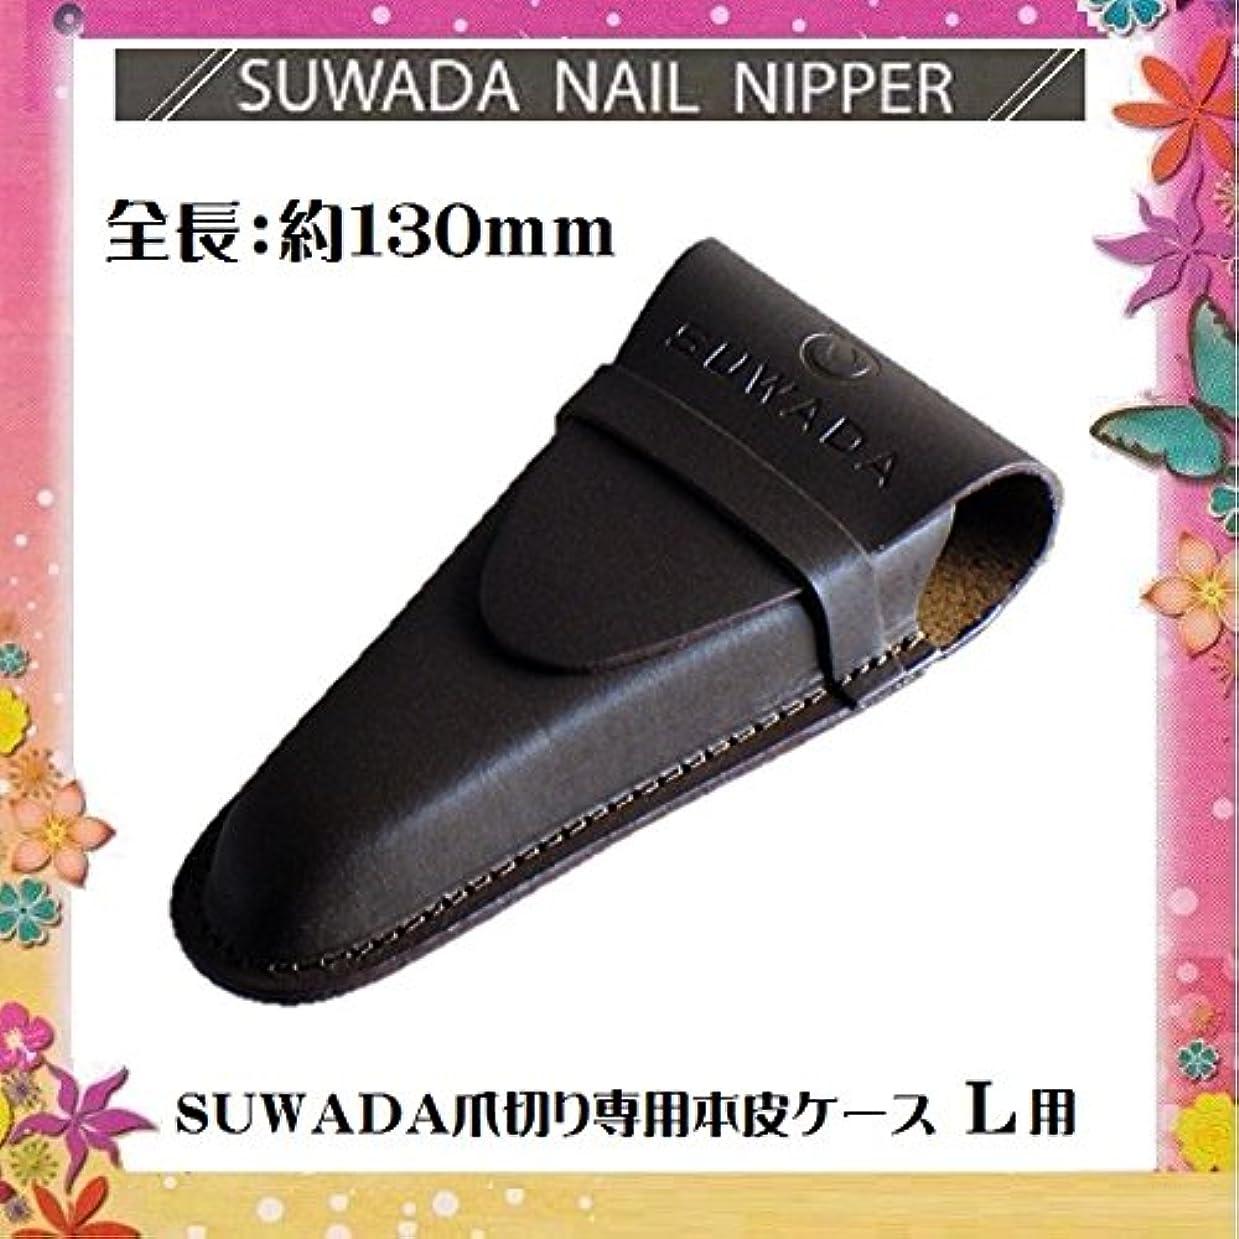 大いに応答おなじみのsoft-case-l SUWADA 爪切り専用革ケースつめ切りLサイズ用